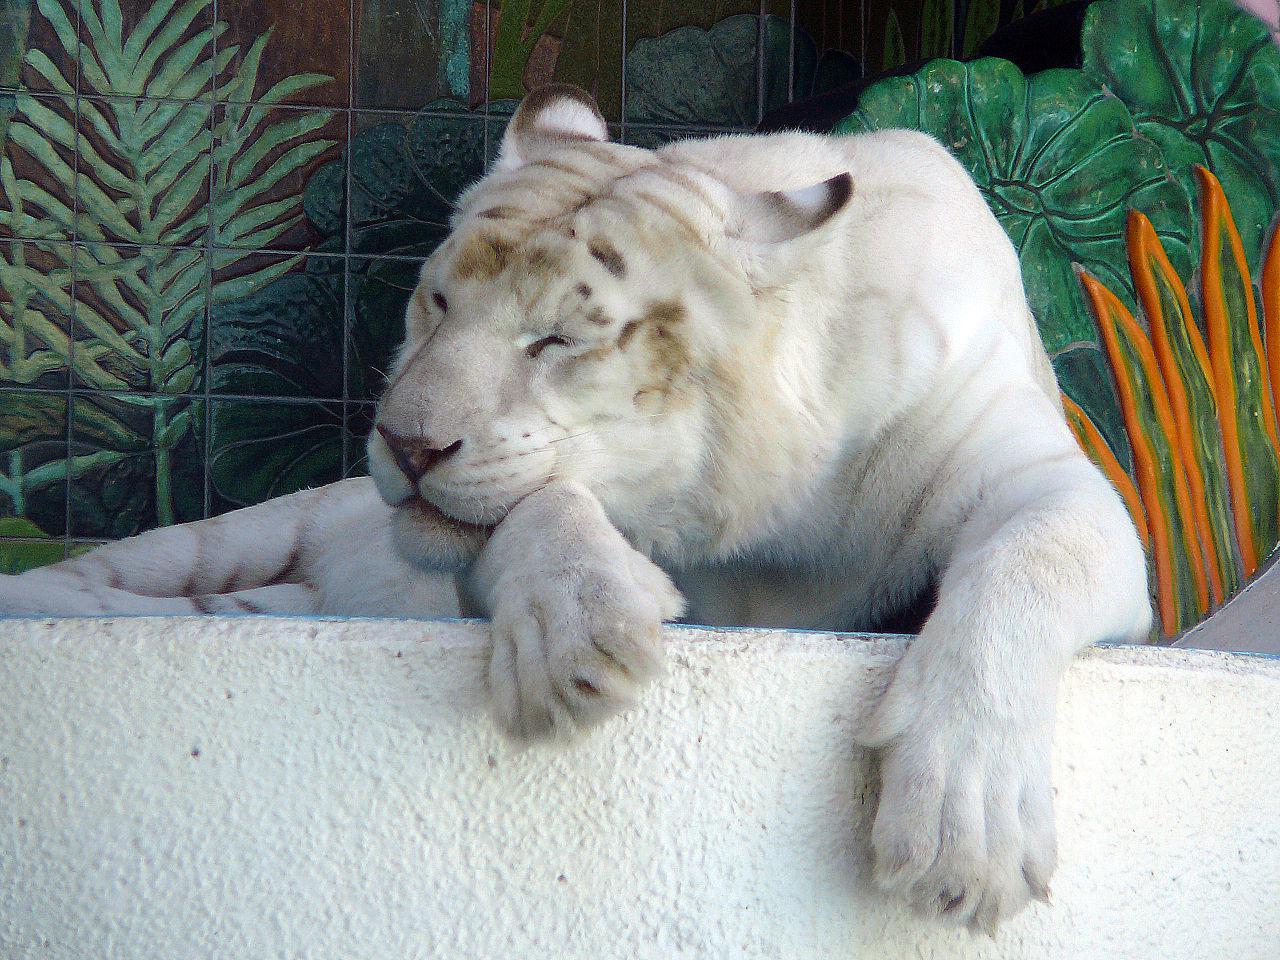 ochen belyj tigr Существует ли тигр альбинос и история тигра Кенни